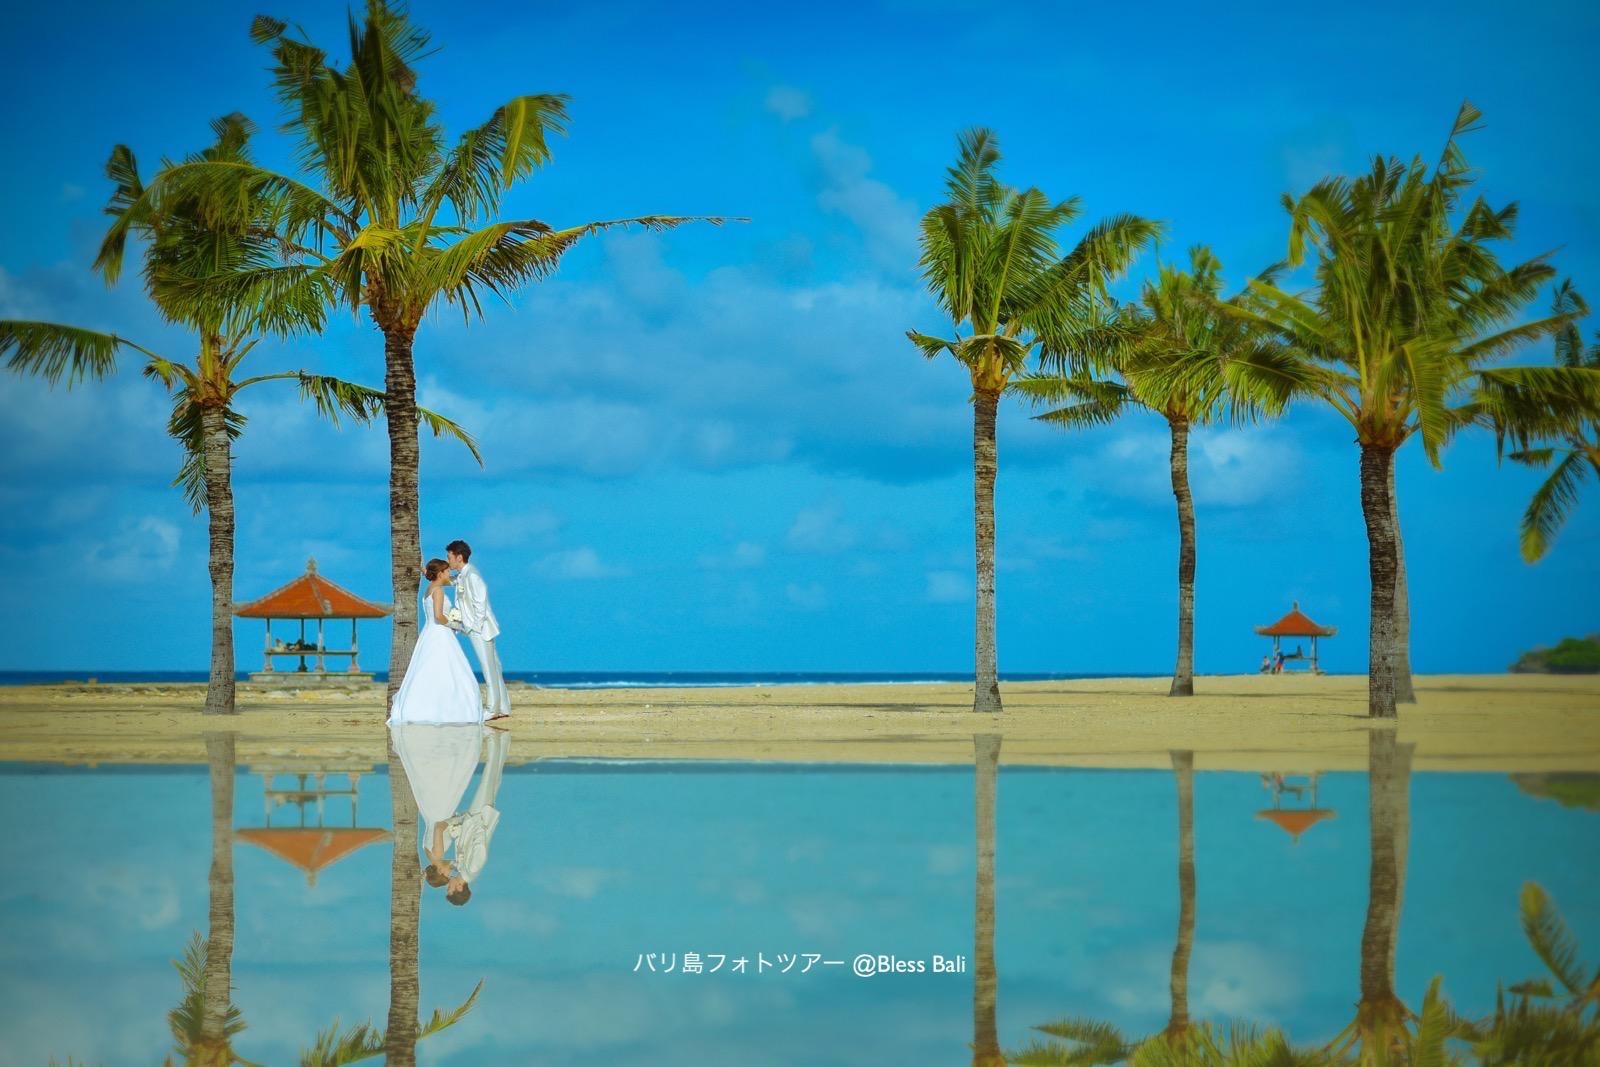 バリ島結婚写真